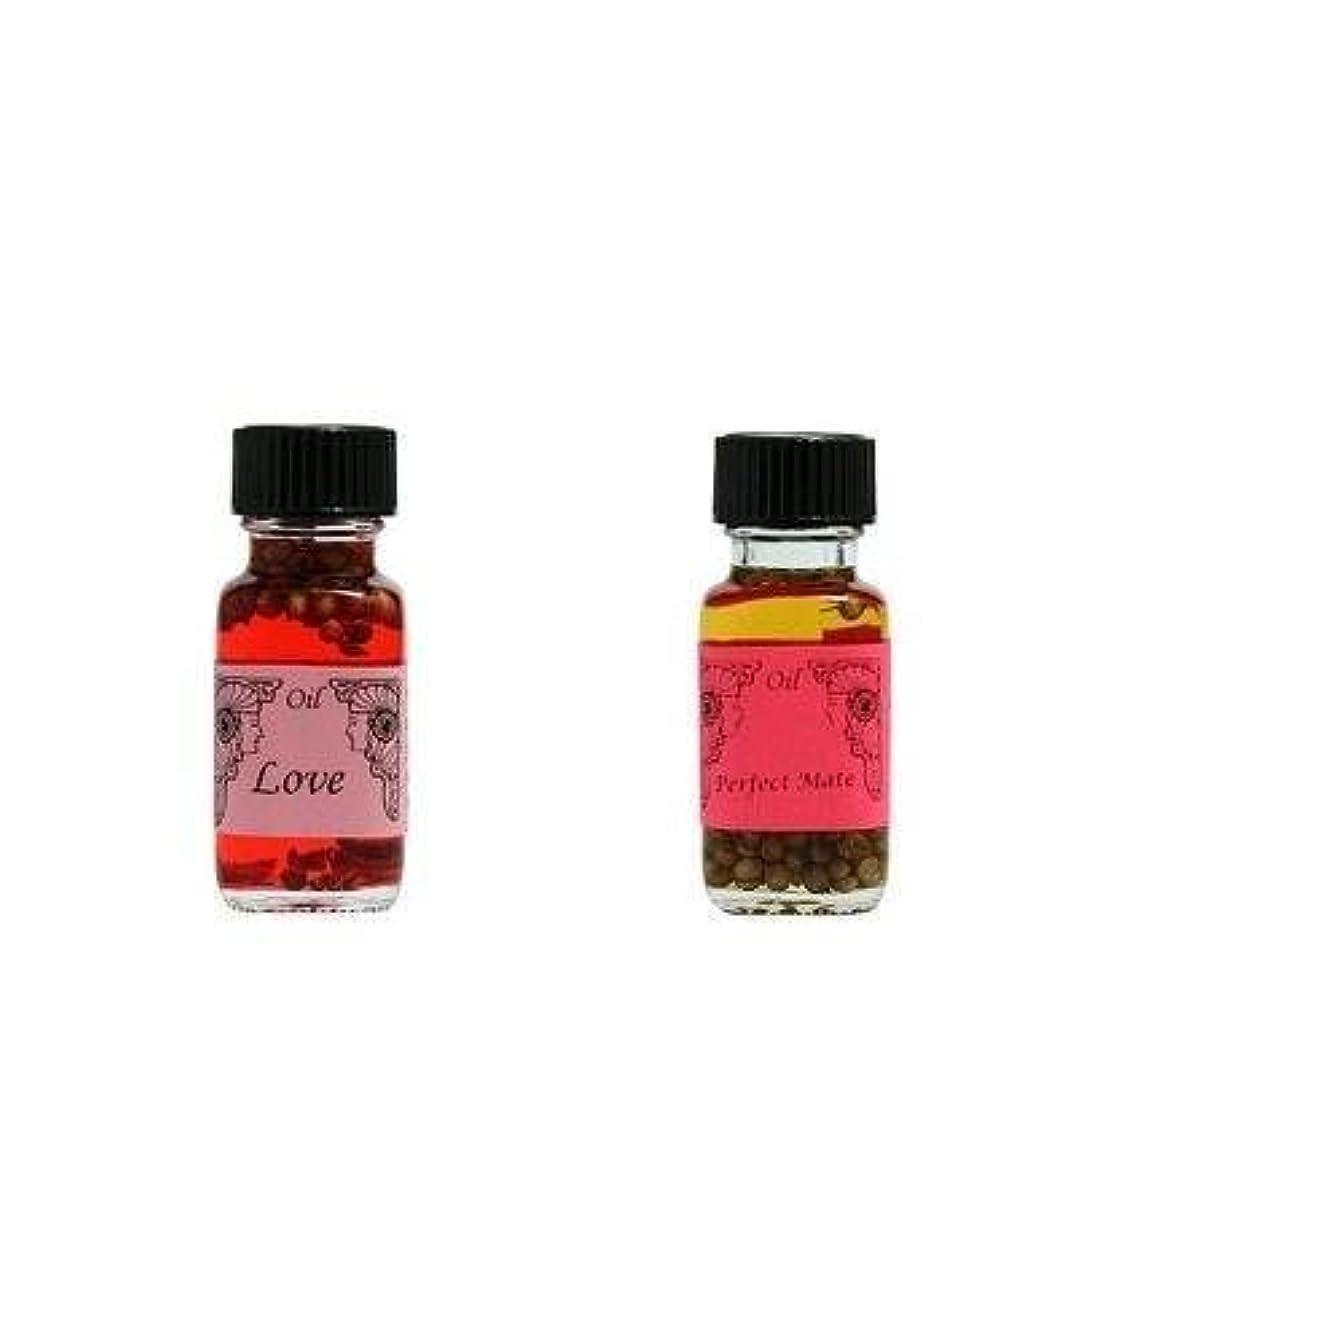 間接的下に向けます放牧する【愛】+【パートナー】Ancient Memory Oils 【人気の2点セット】アンシェントメモリーオイル【LOVE】 +【PERFECT MATE】 【海外直送品】